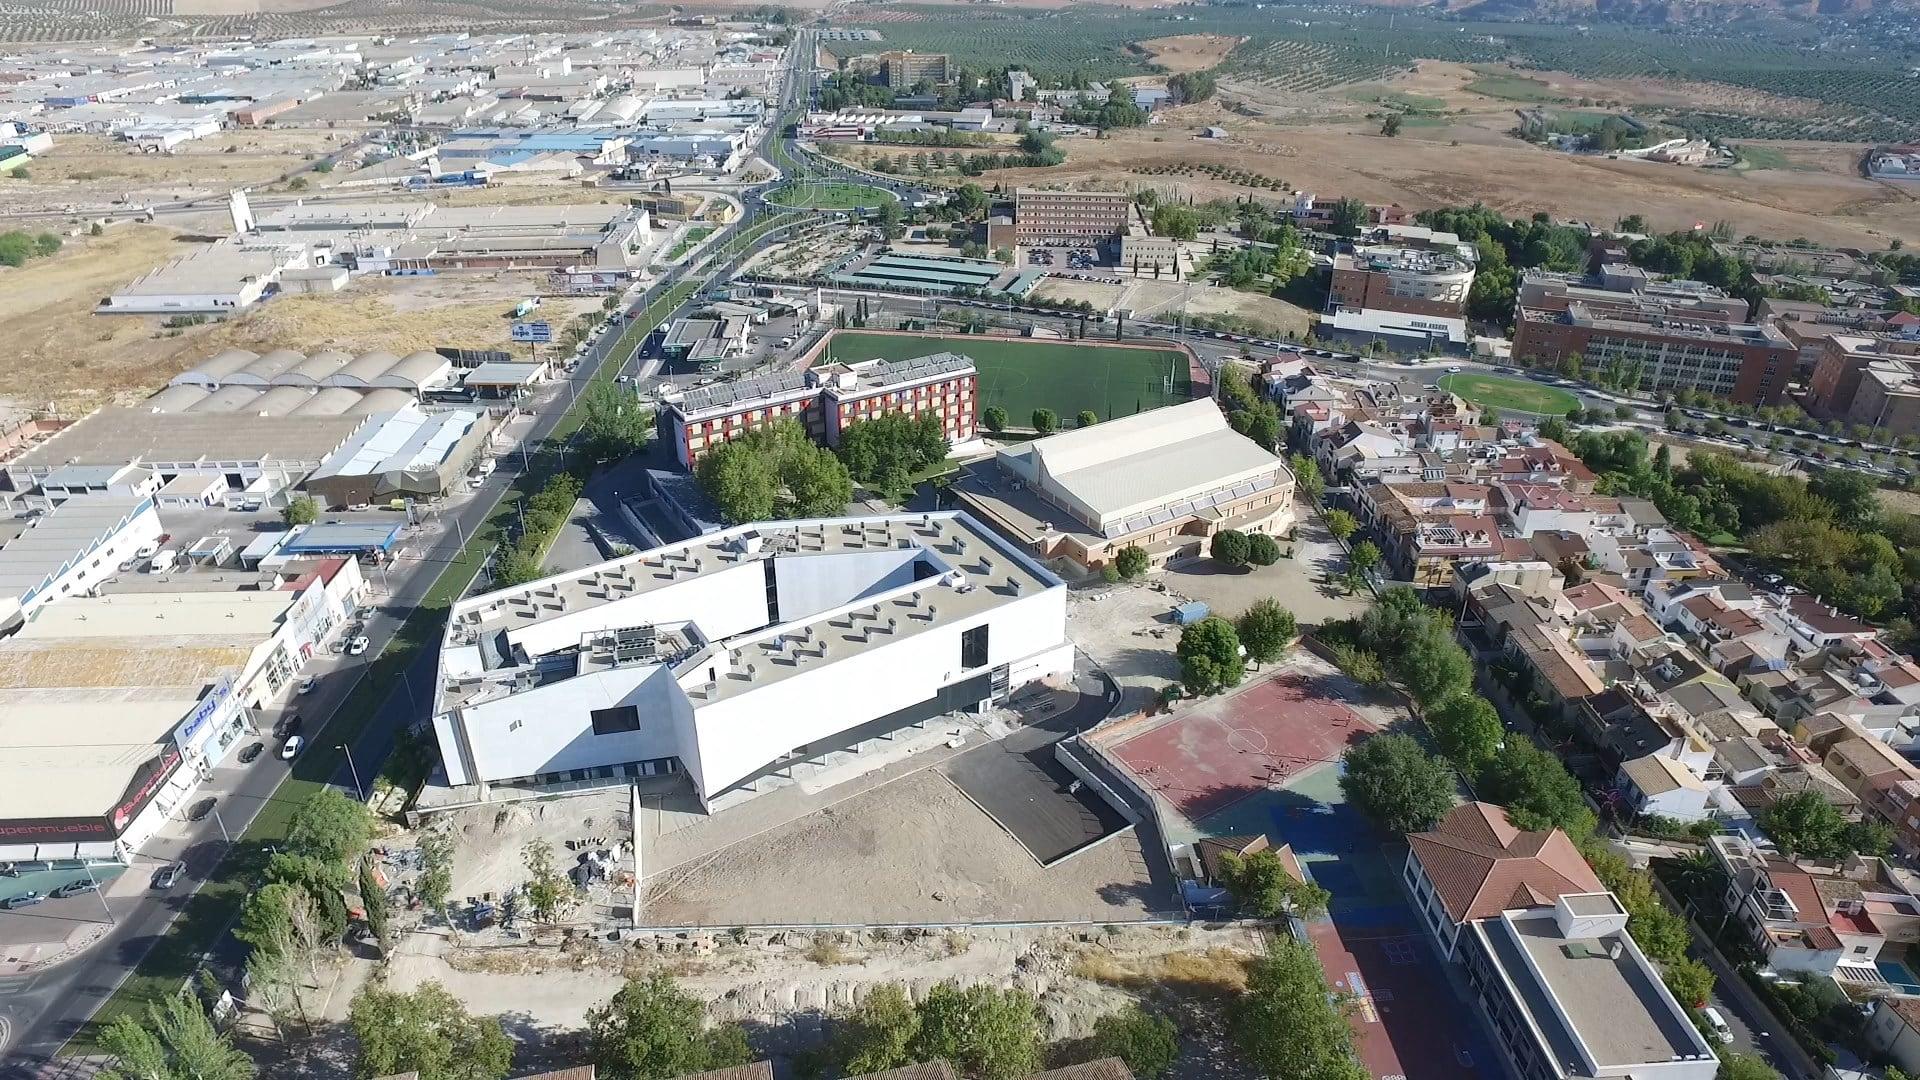 Edificio para alojamientos universitarios de vpo vialterra - Vpo mairena del aljarafe ...